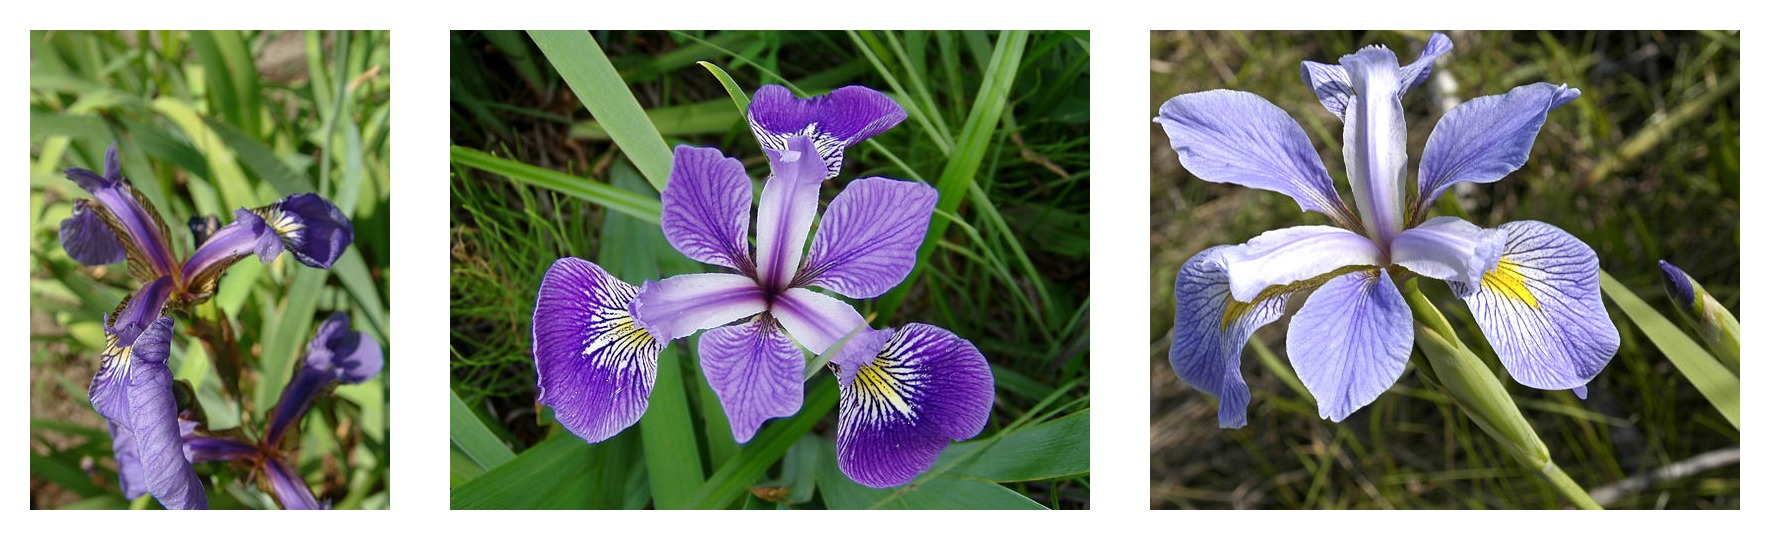 Petal geometry compared for three iris species: Iris setosa, Iris virginica, and Iris versicolor